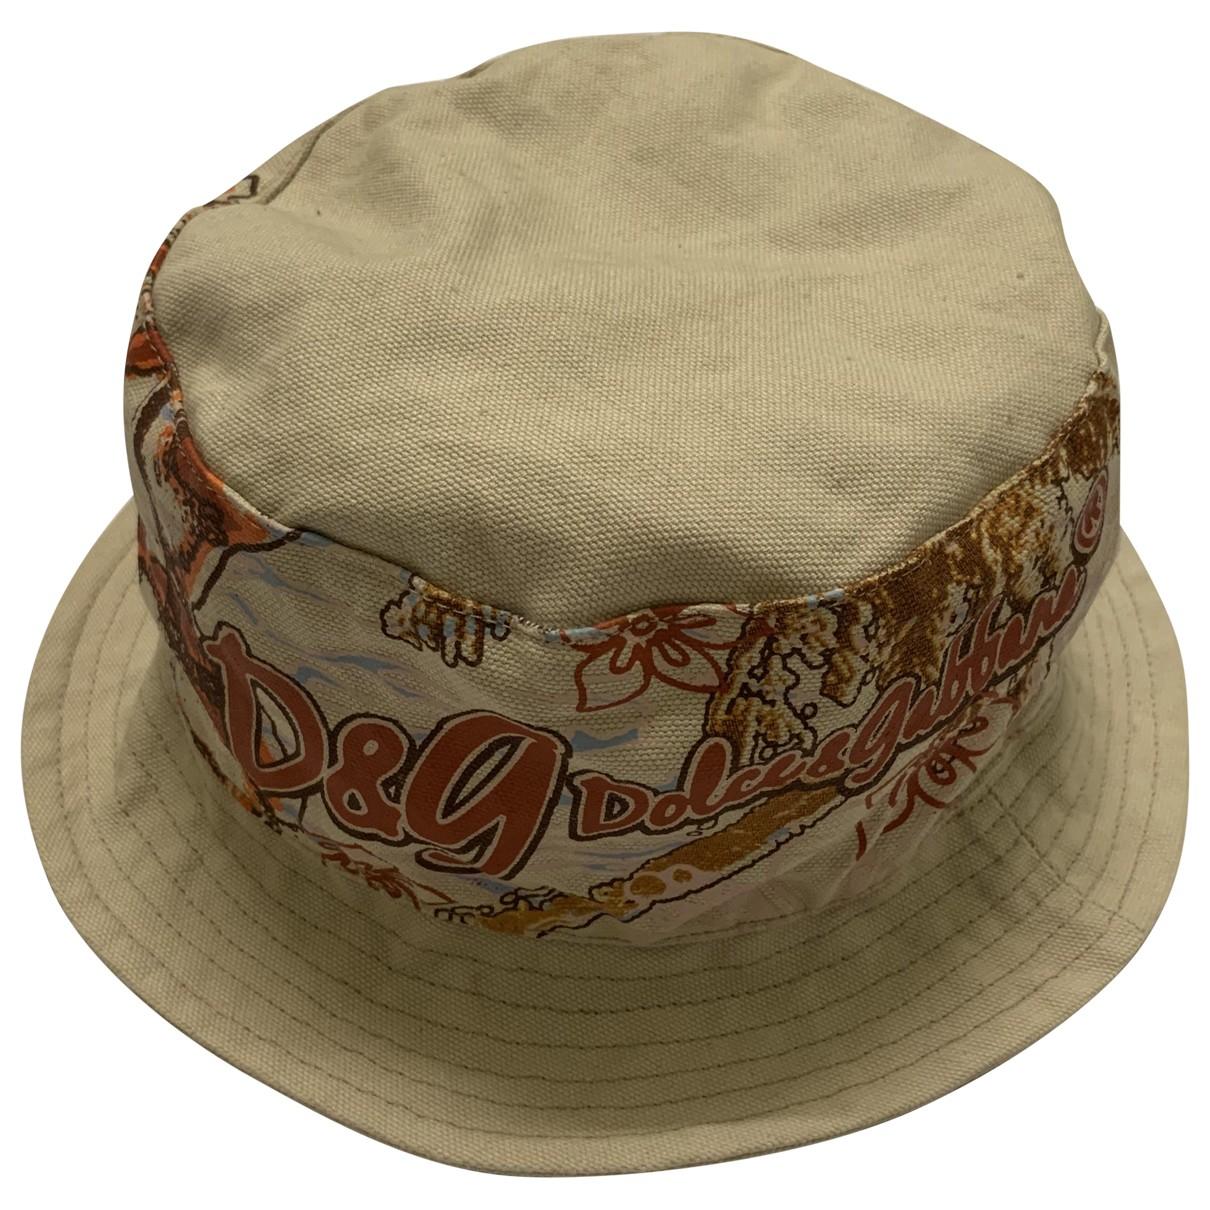 Dolce & Gabbana - Chapeau & Bonnets   pour homme en toile - marron